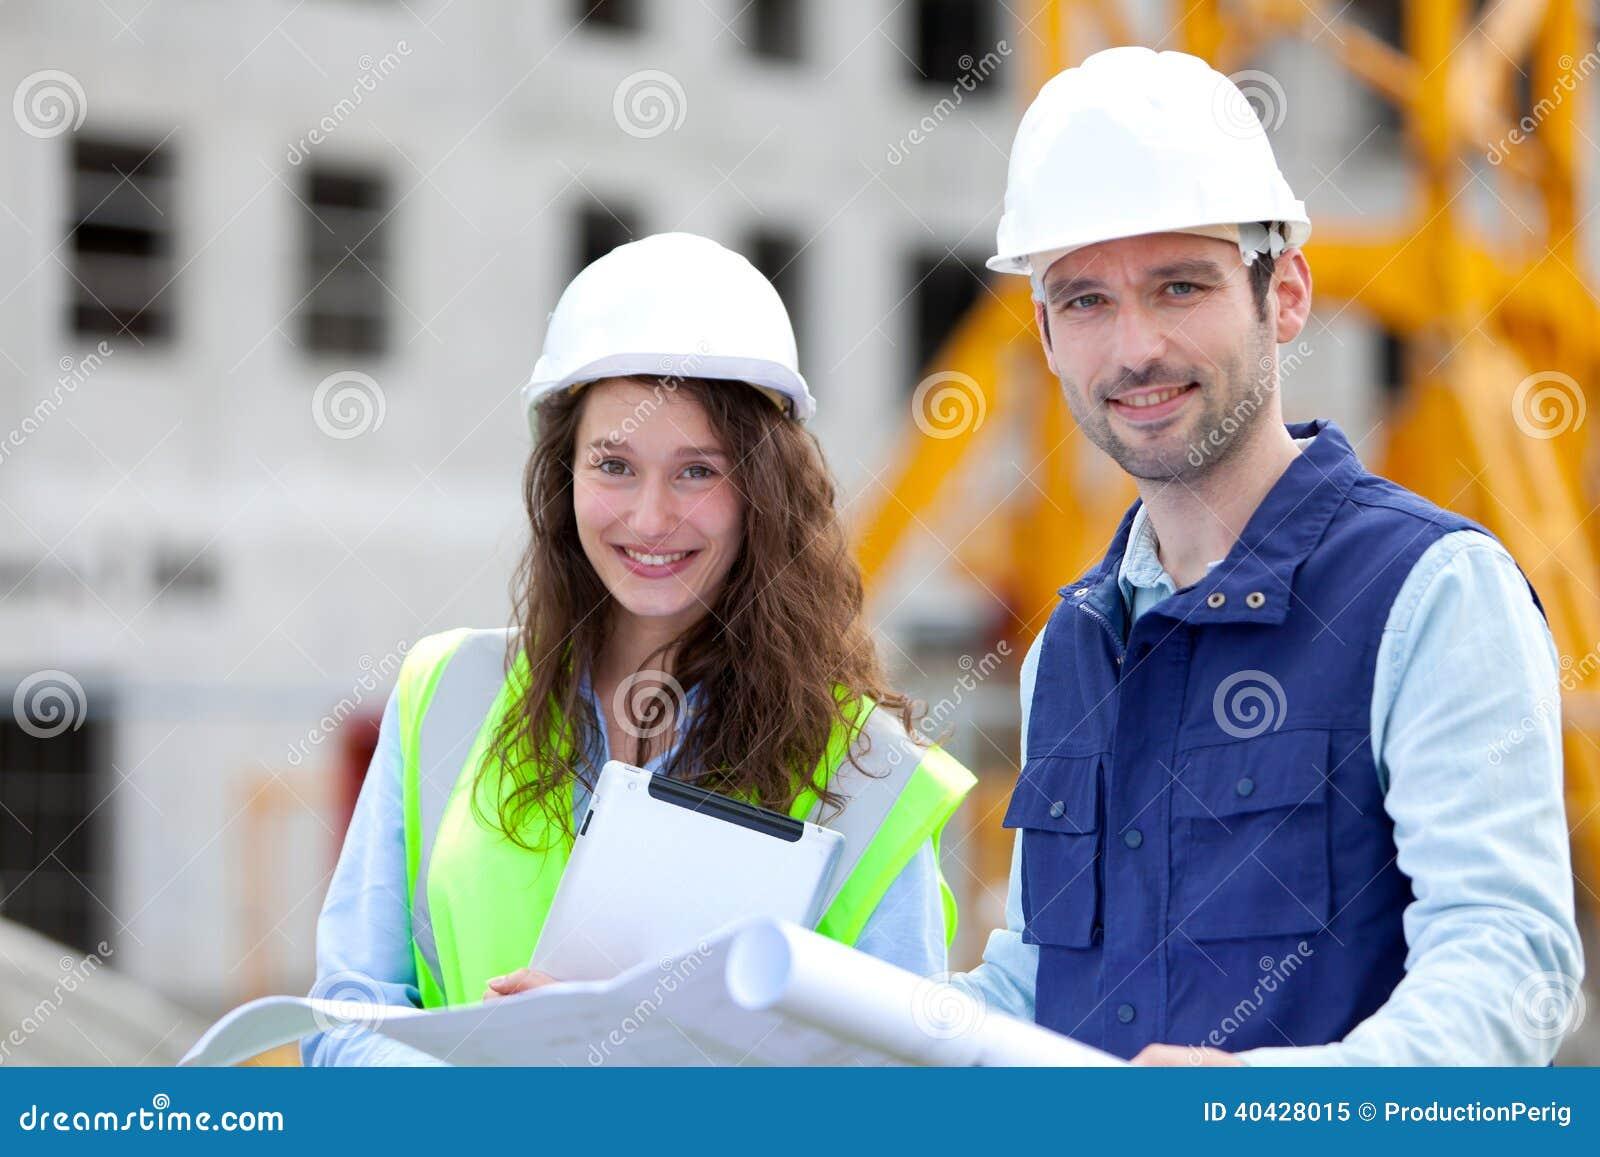 Portret van medewerkers op een bouwwerf